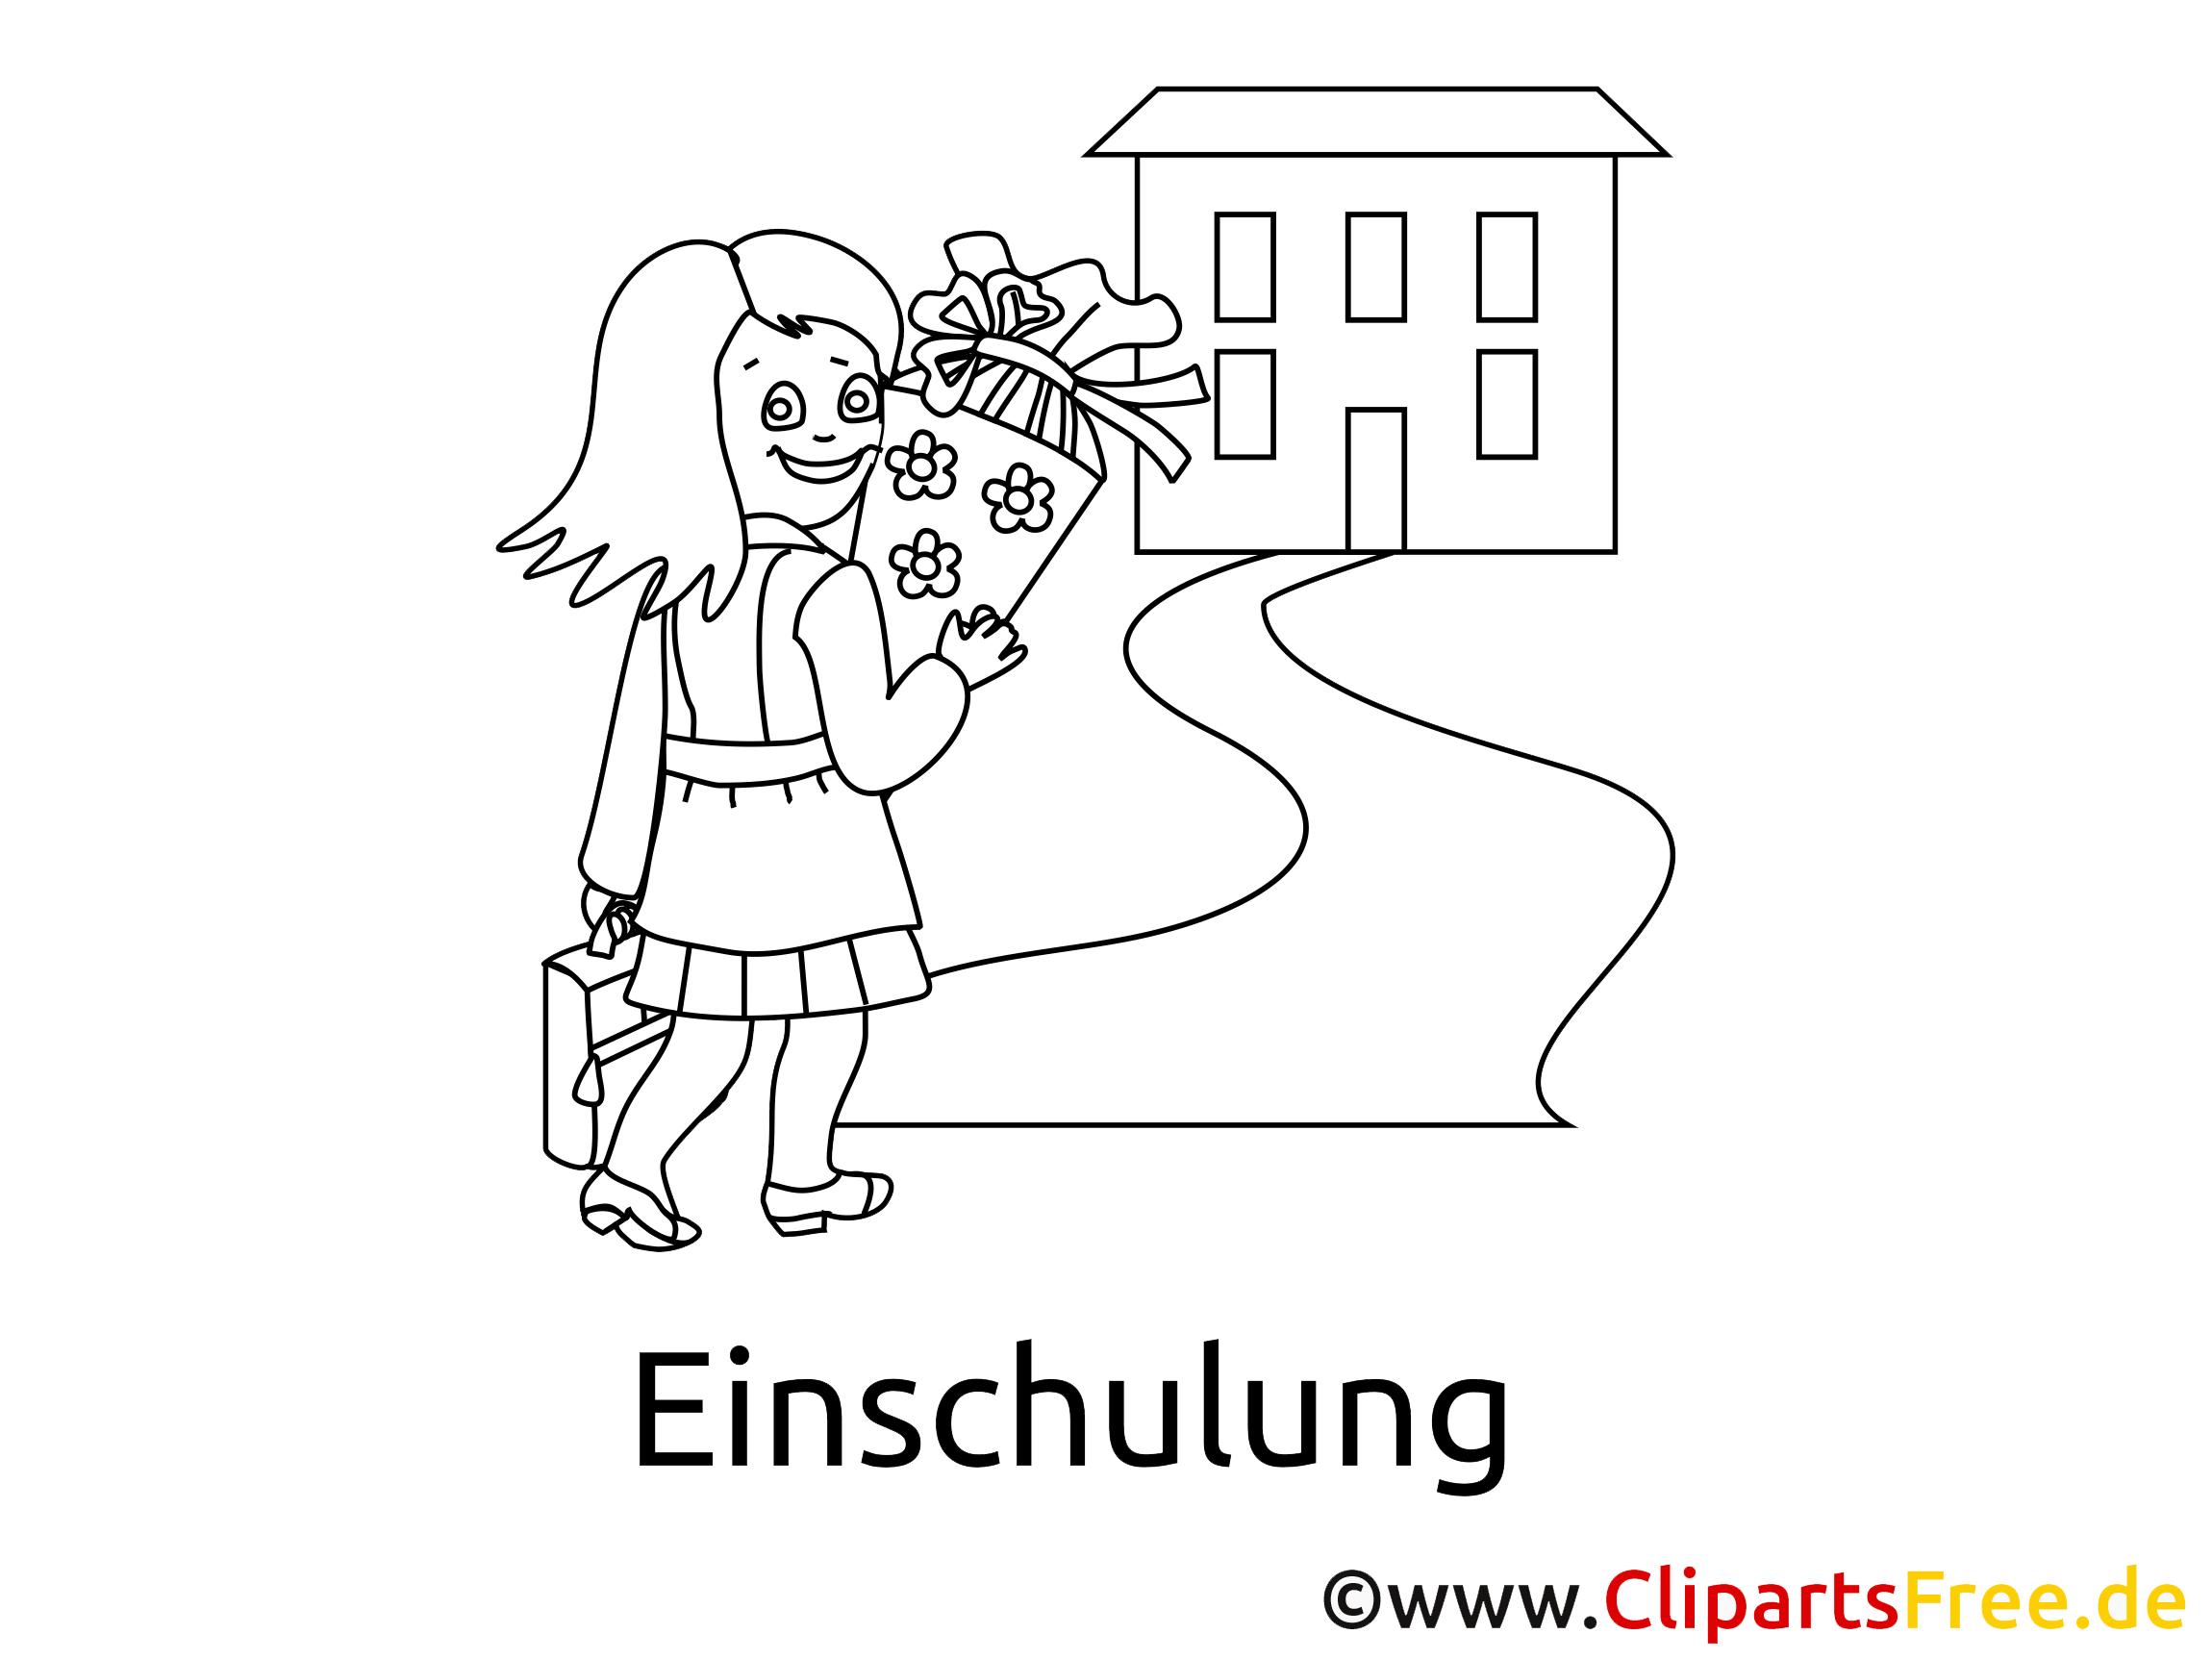 Mädchen geht in die Schule - Ausmalbilder Einschulung